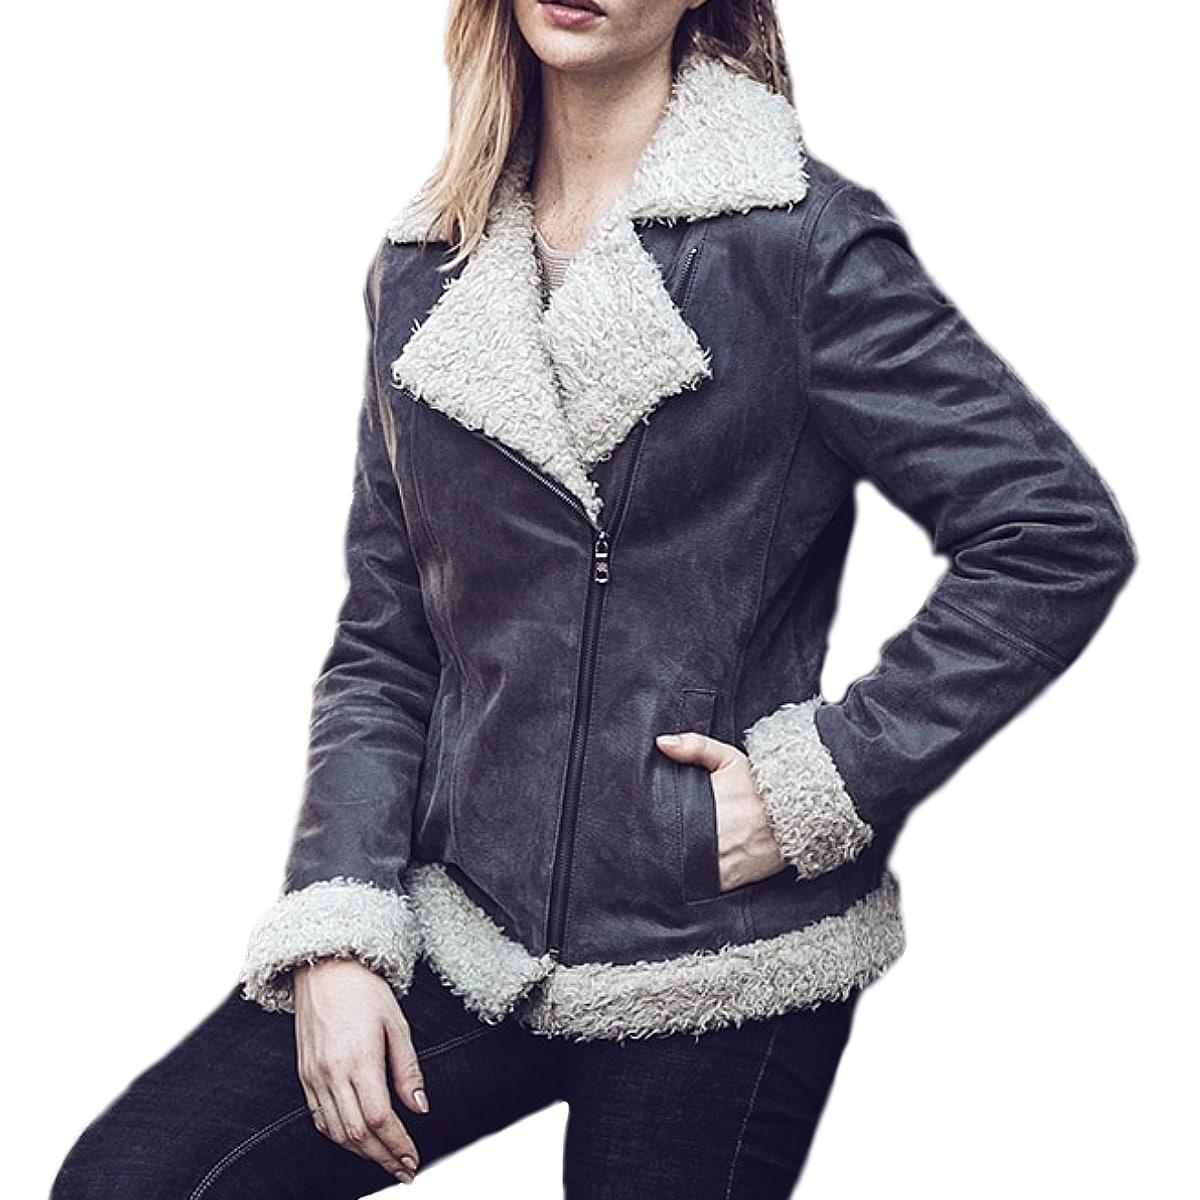 【送料無料!】全7サイズ! [Women's Faux Fur Shearling Pigskin Genuine Leather Jacket] ウィメンズ フェイクファー ムートン ピッグスキン ジェニュインレザー ジャケット! レディース 女性用 本革 豚革 革ジャン ダークグレー ボア ライダース コート アウター バイクに!